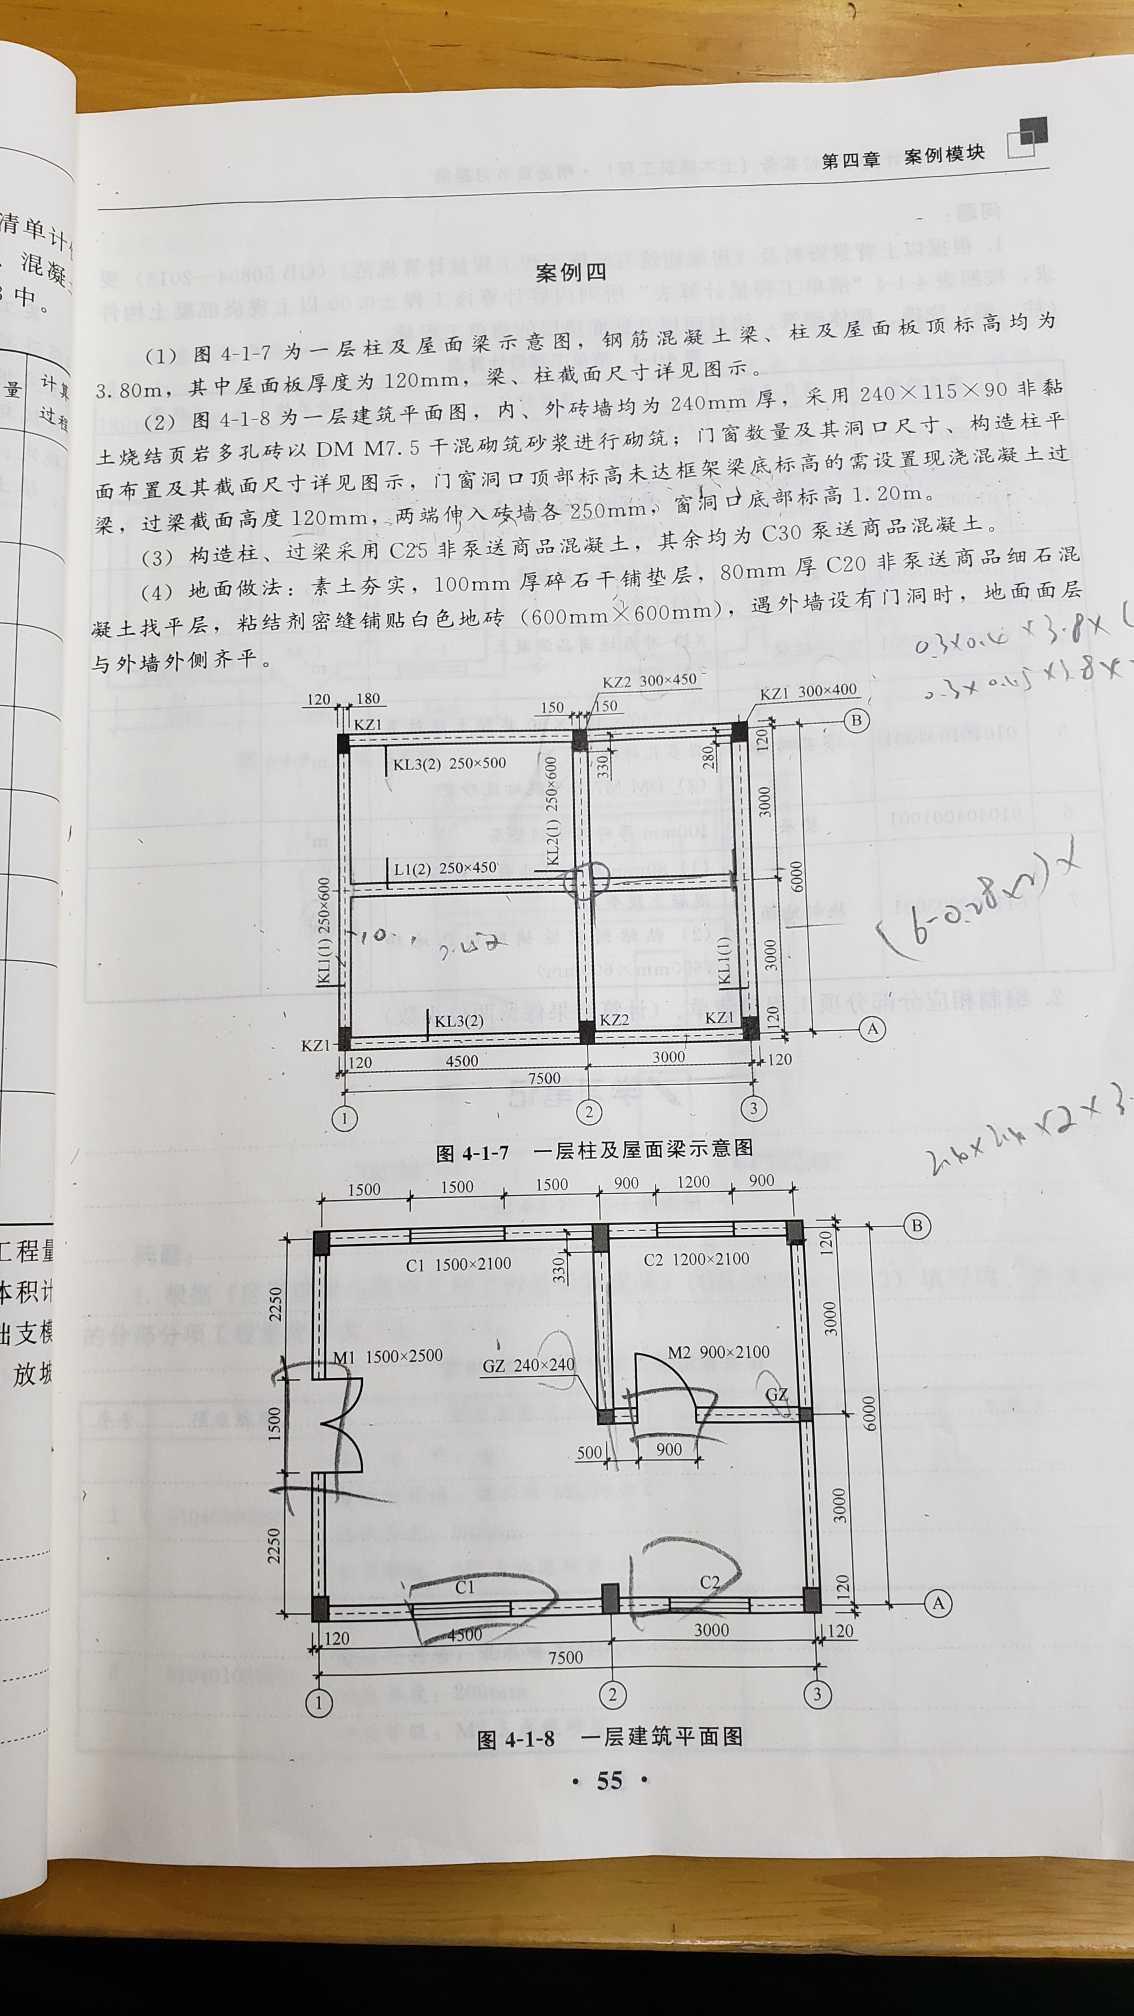 北京,土建,答疑:各位大佬,帮忙看下构造柱计算中的这个0.03是啥,马牙槎不是0.06吗?-北京土建,